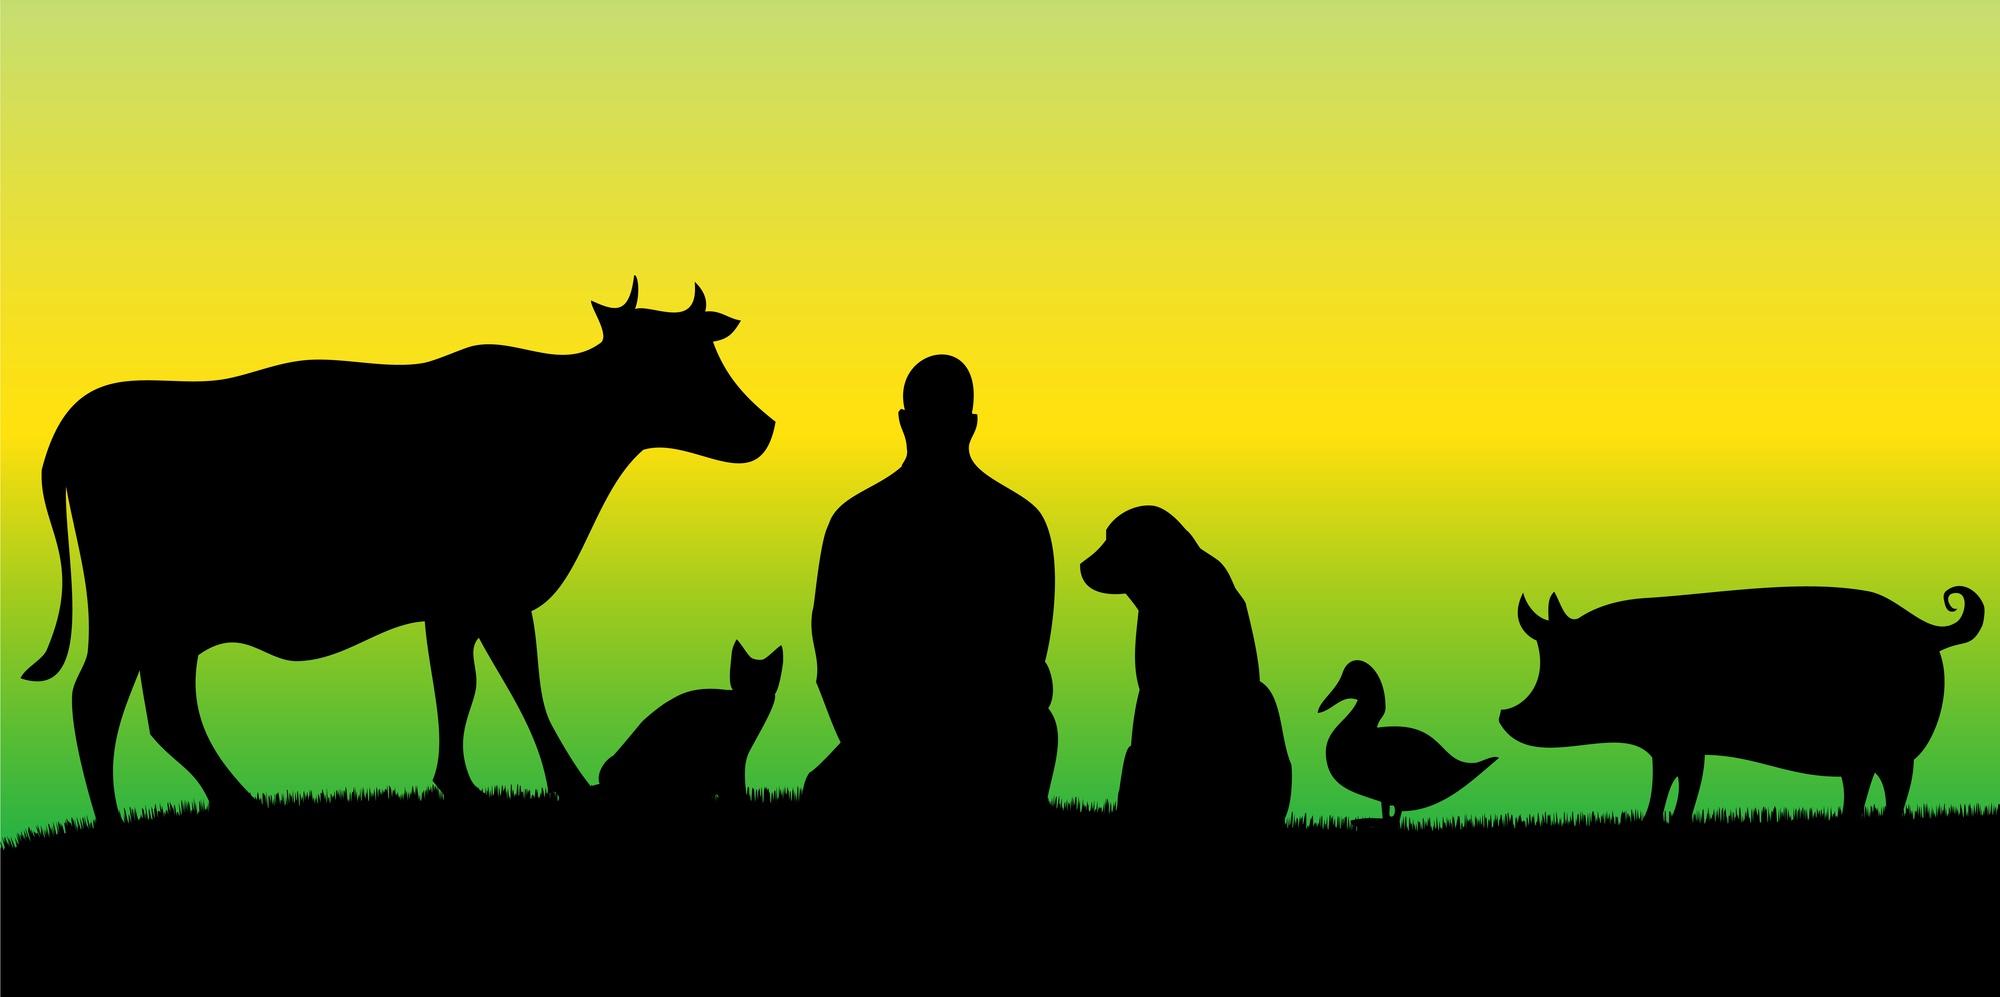 כך נועדנו להיות, חברים של אותם יצורים נפלאים שחולקים איתנו את הפלנטה.